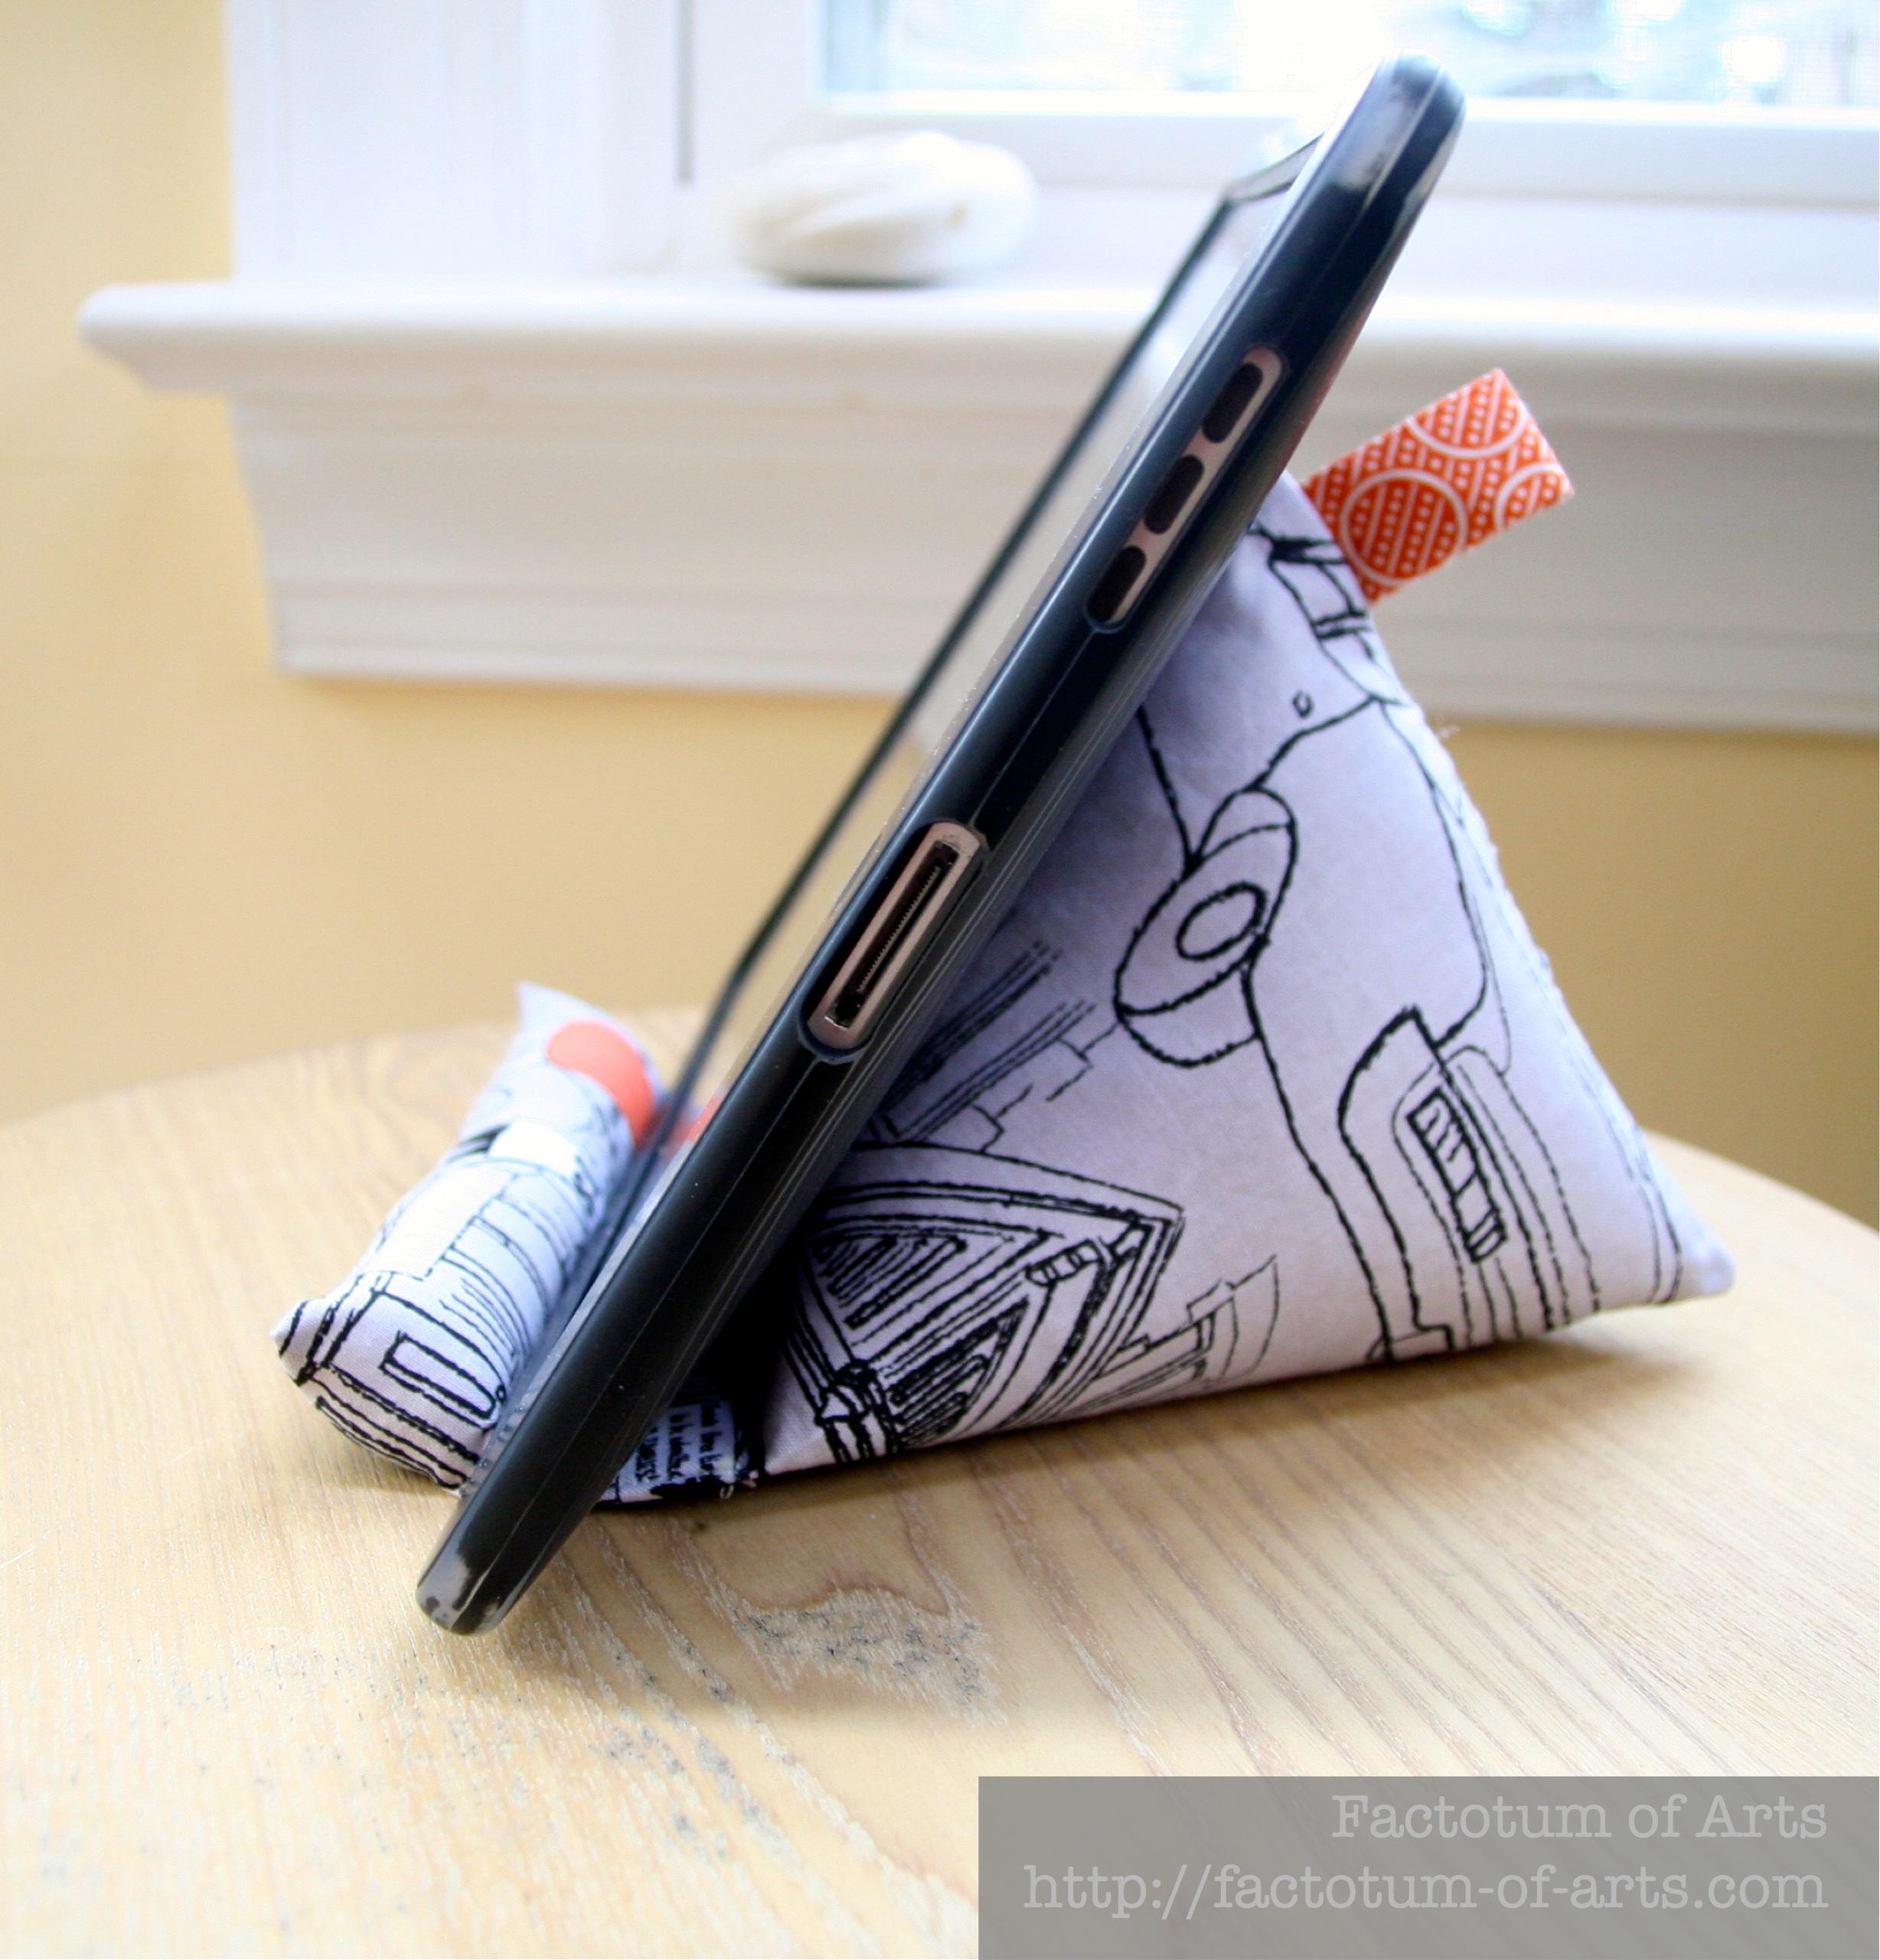 Tutorial Iphone Ipad Stand Factotum Of Arts